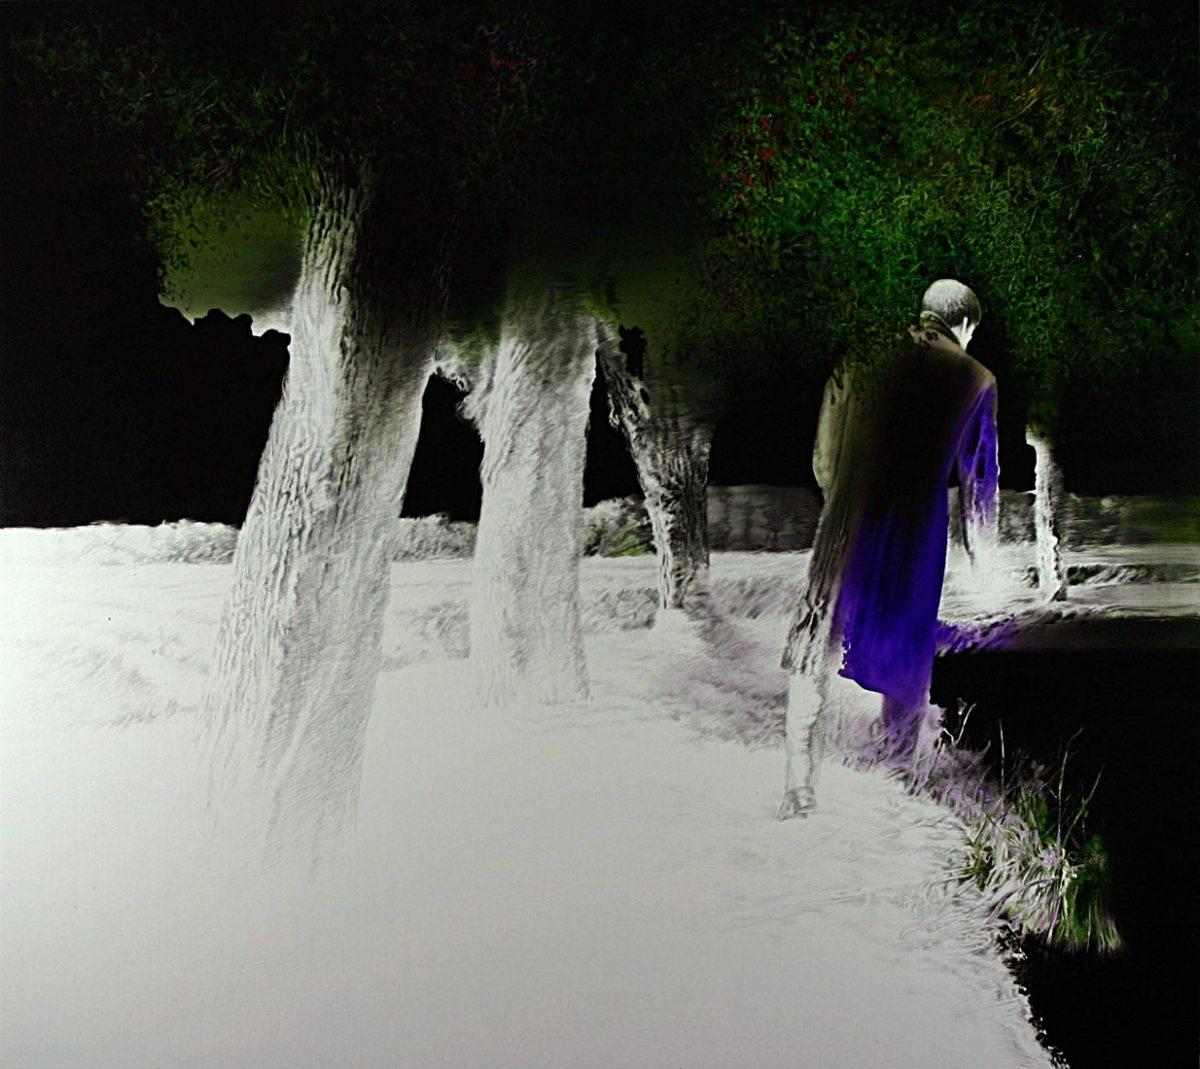 igor-oleinikov-wanderer-2010